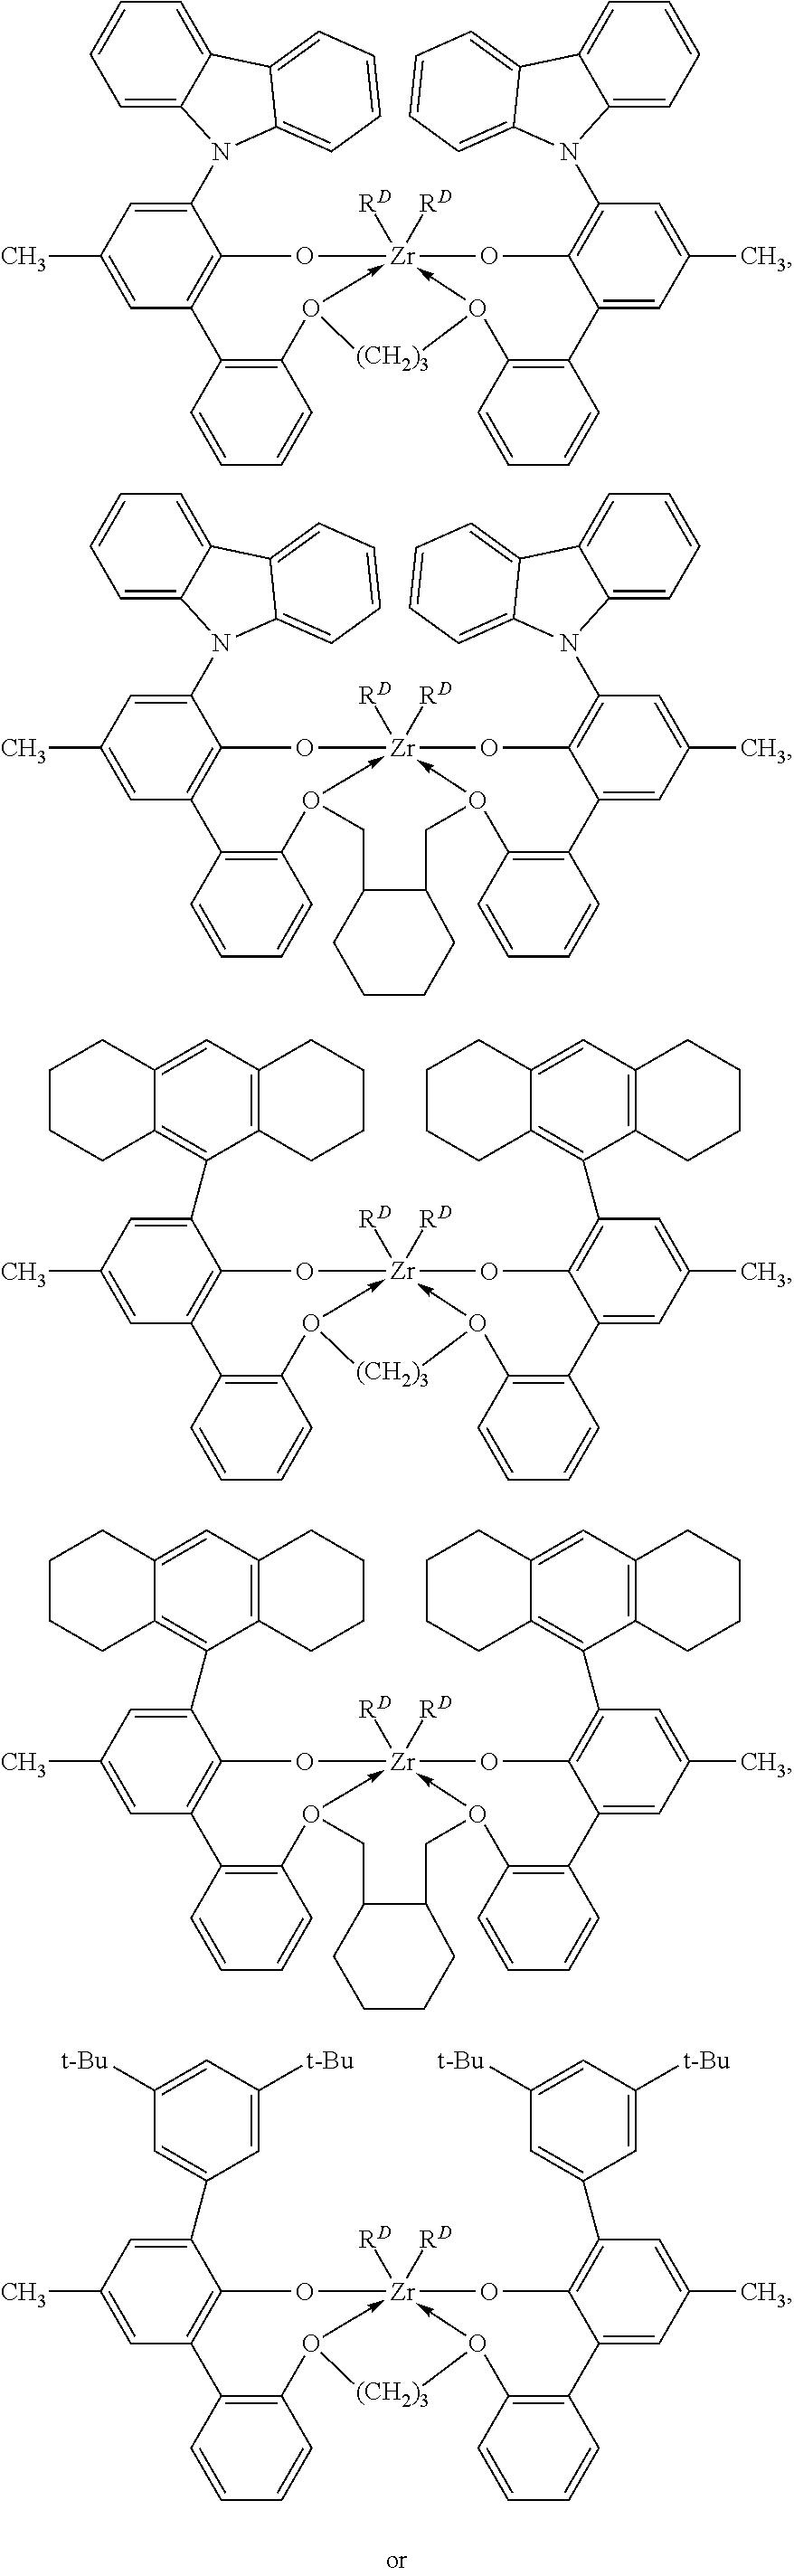 Figure US08299189-20121030-C00020